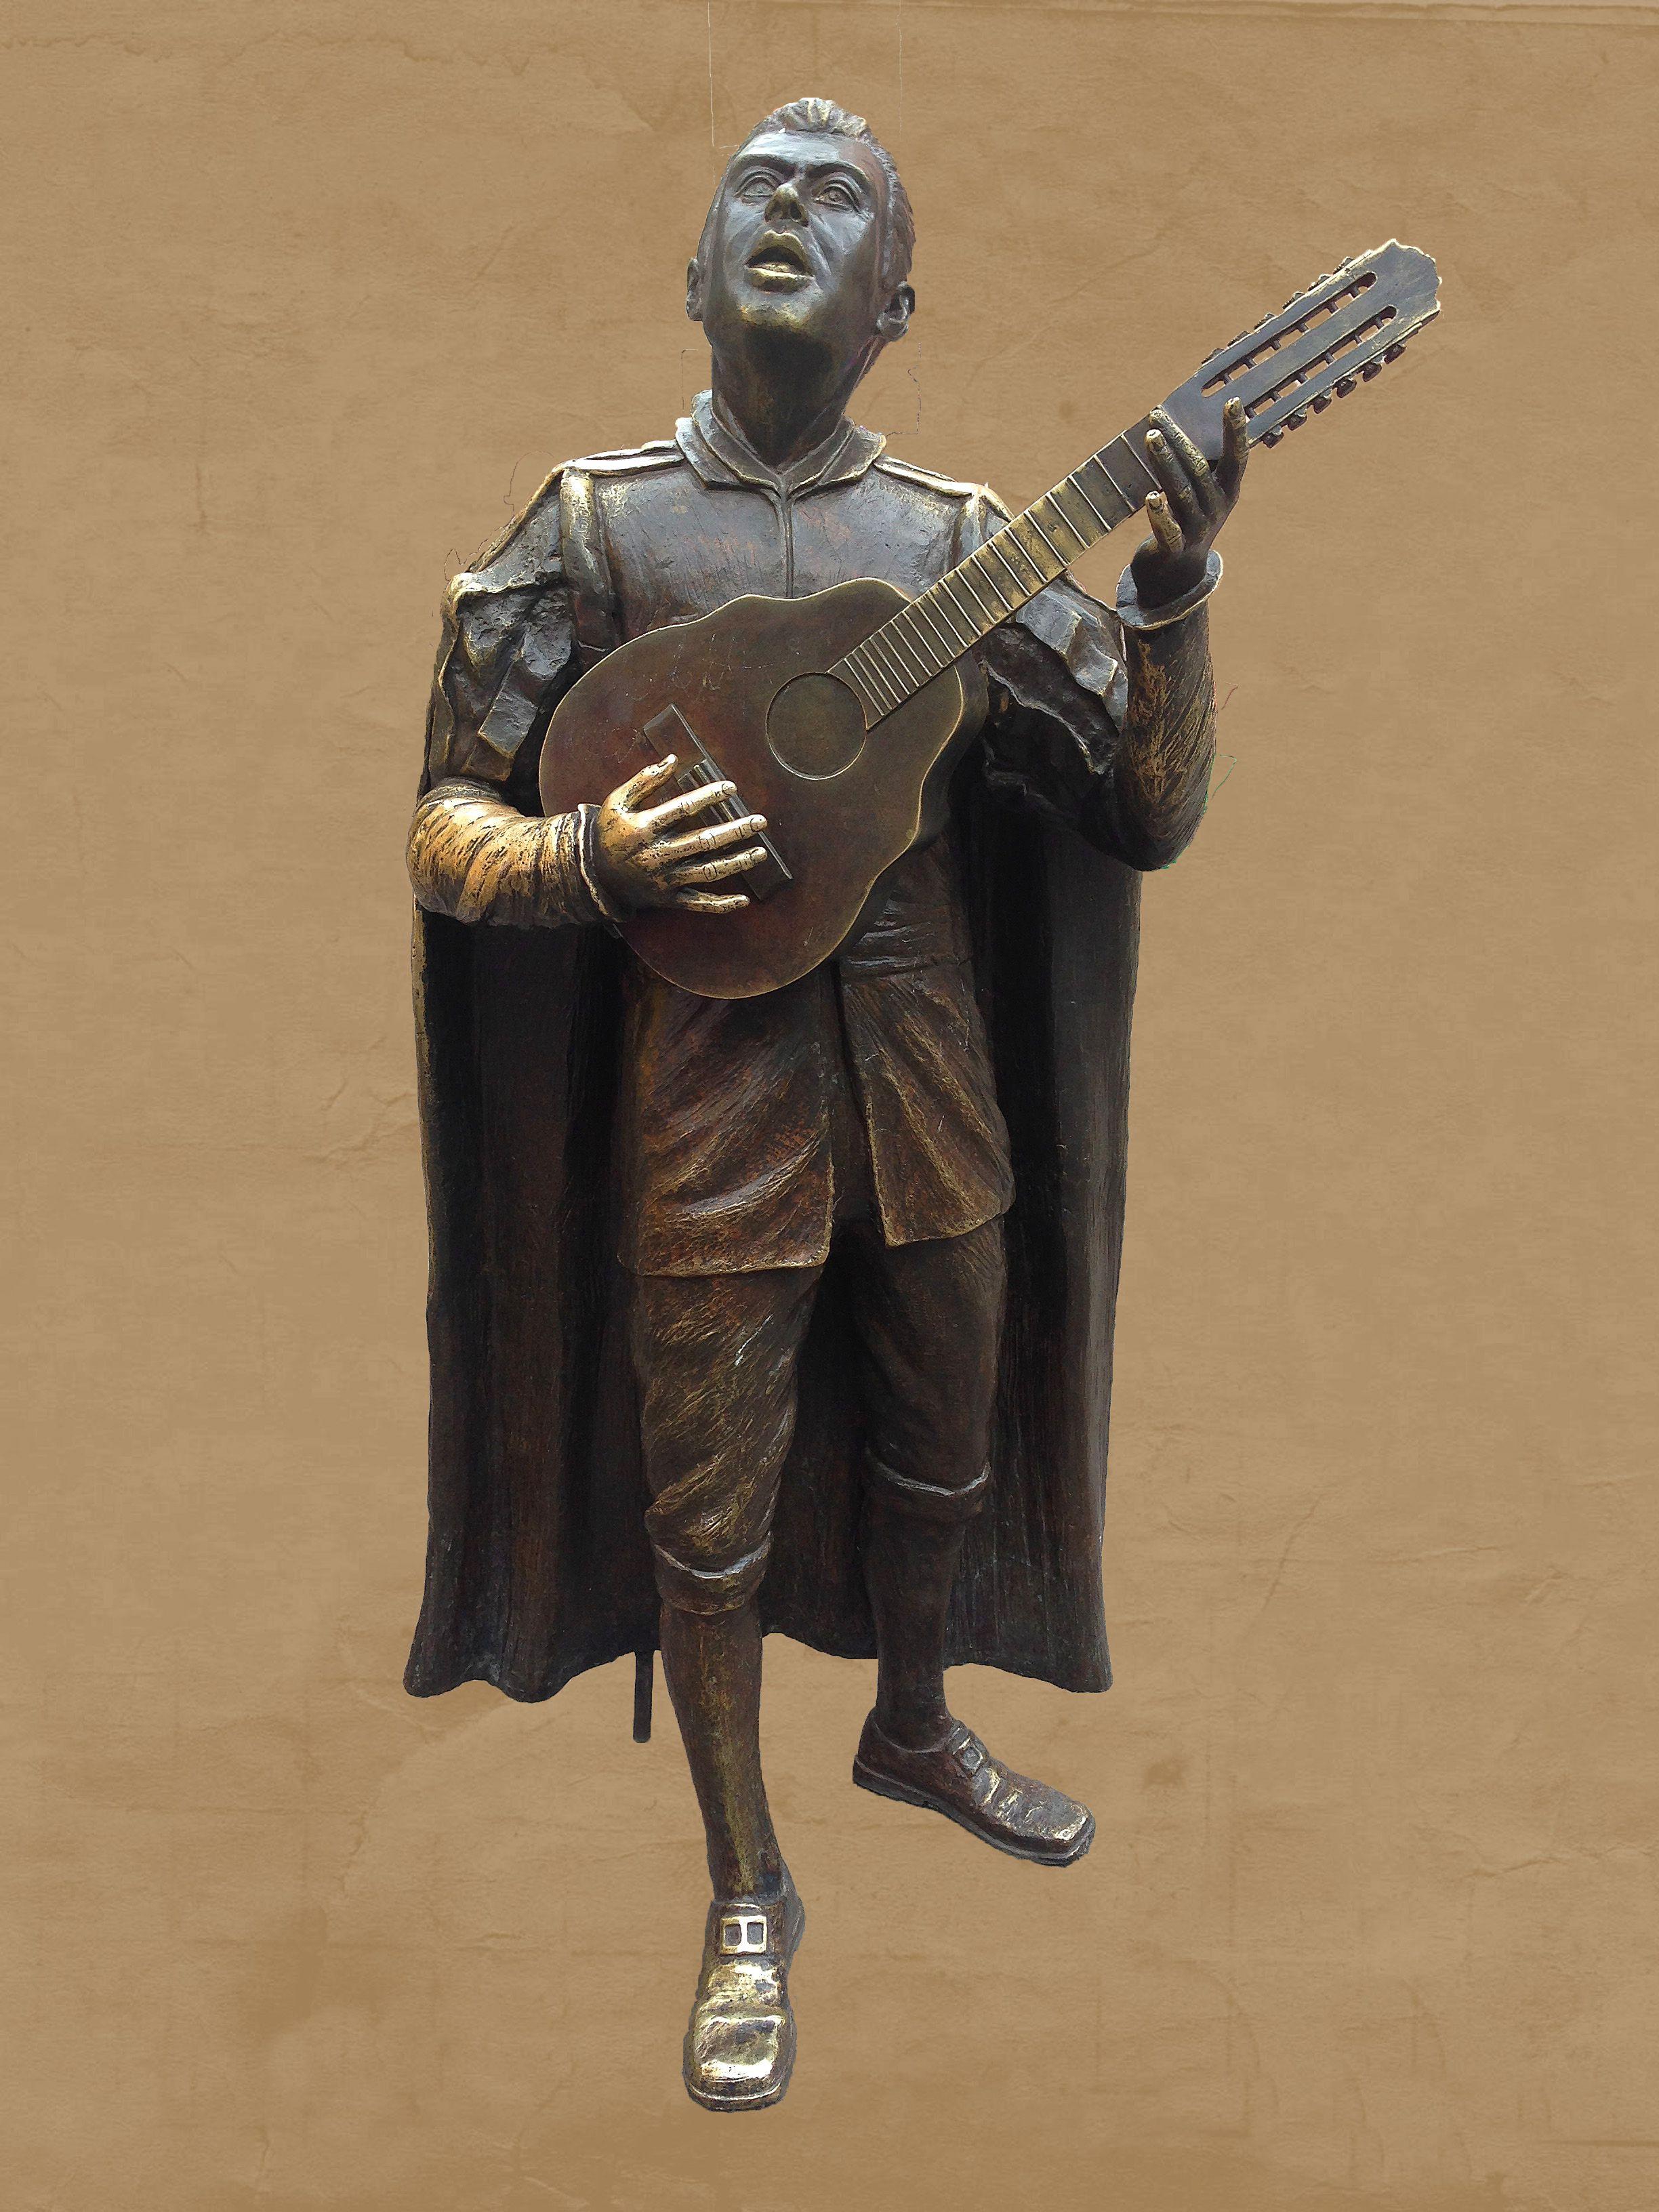 La Tuna, Estatua.  Escultura de un Tuno, frente al atrio del Templo de San Diego de Alcalá, muy cerca del Teatro Juárez. Representa a los integrantes que conforman las Estudiantinas.